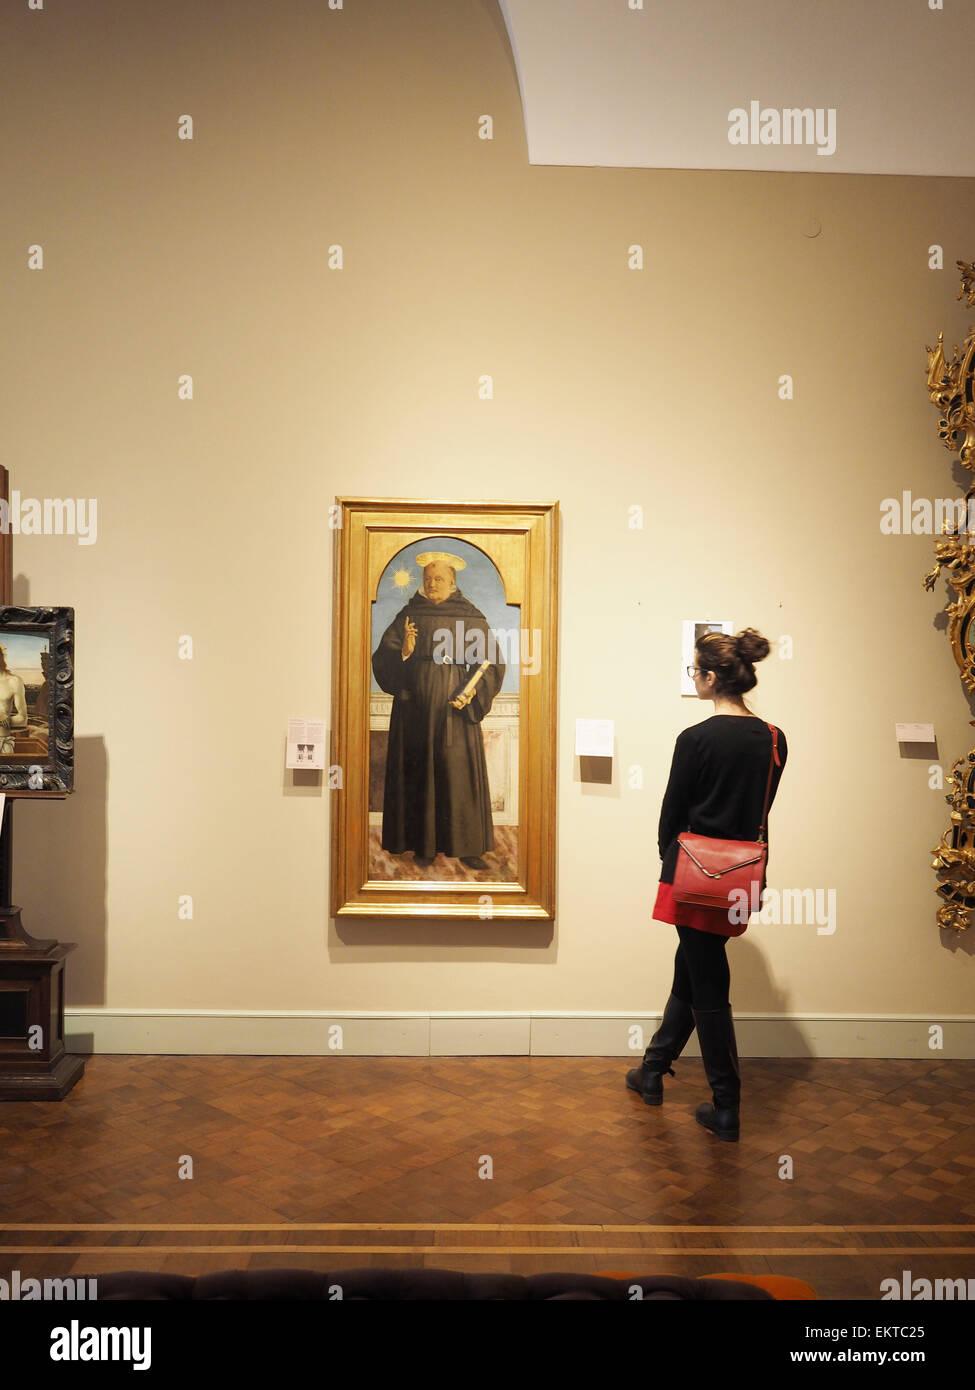 Golden room, Piero della Francesca, painter, Poldi Pezzoli Home ...